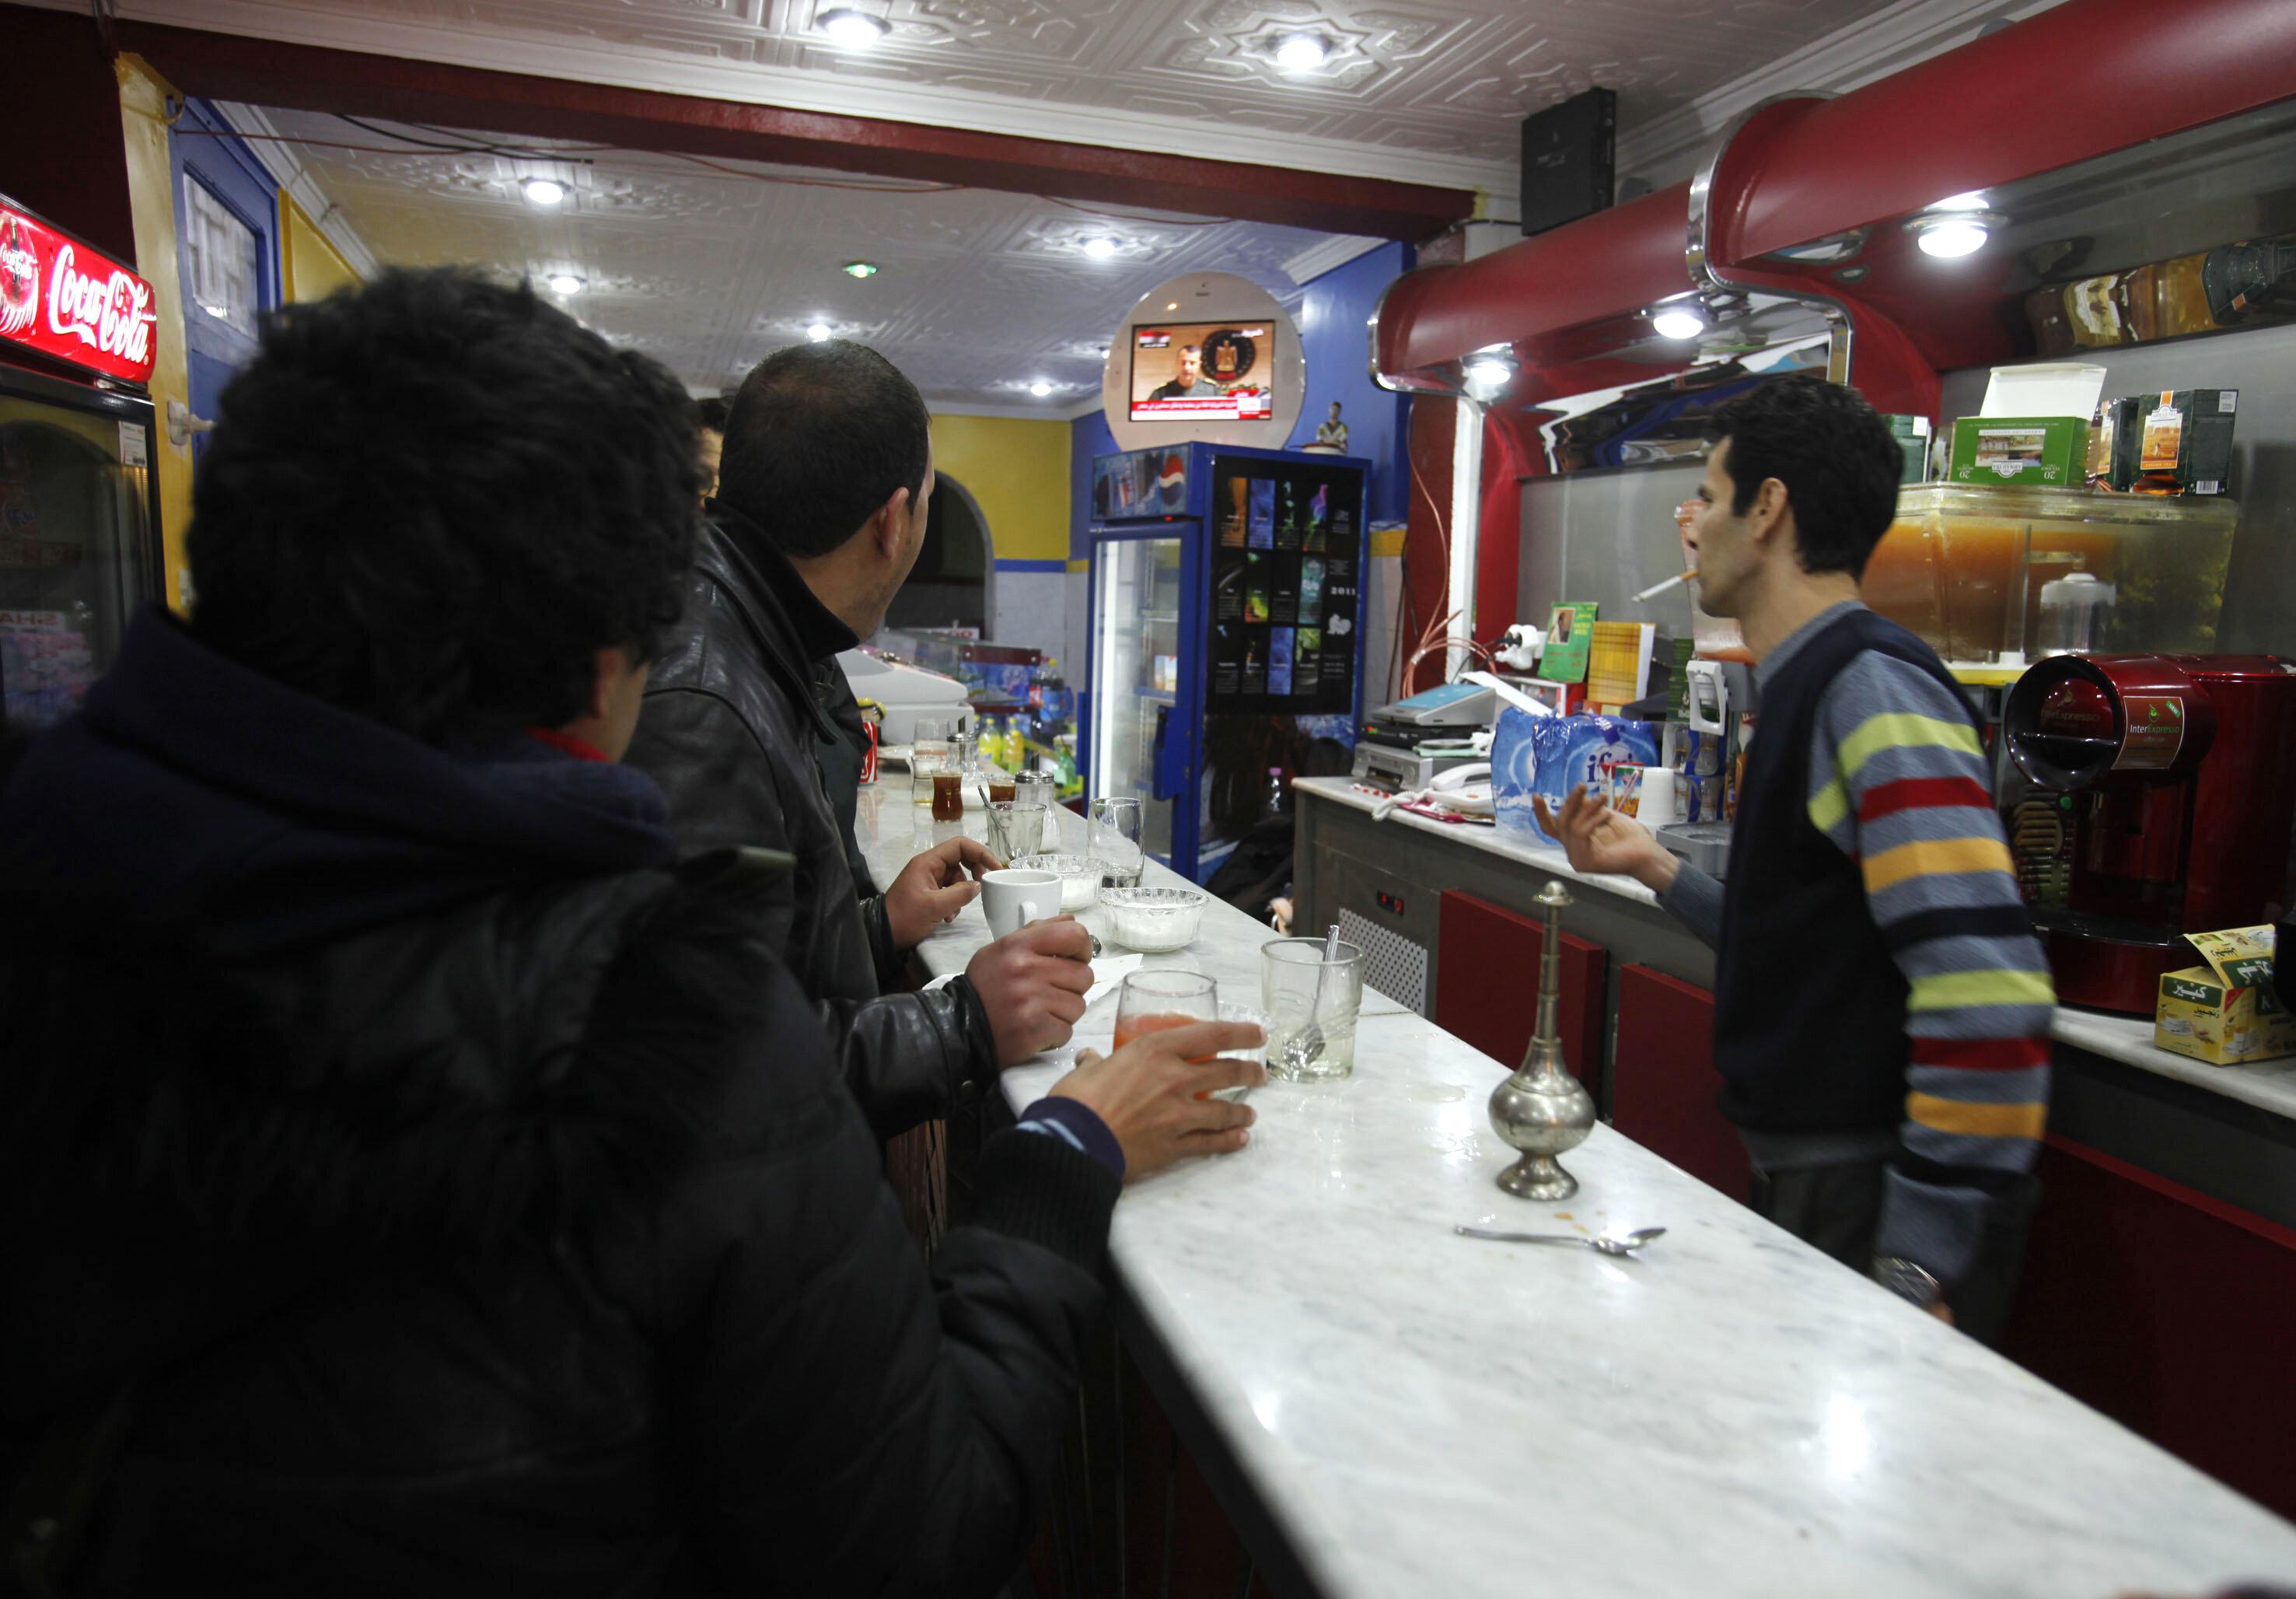 Aucune campagne visant les cafés et restaurants ouverts le jour durant le ramadan, affirme le